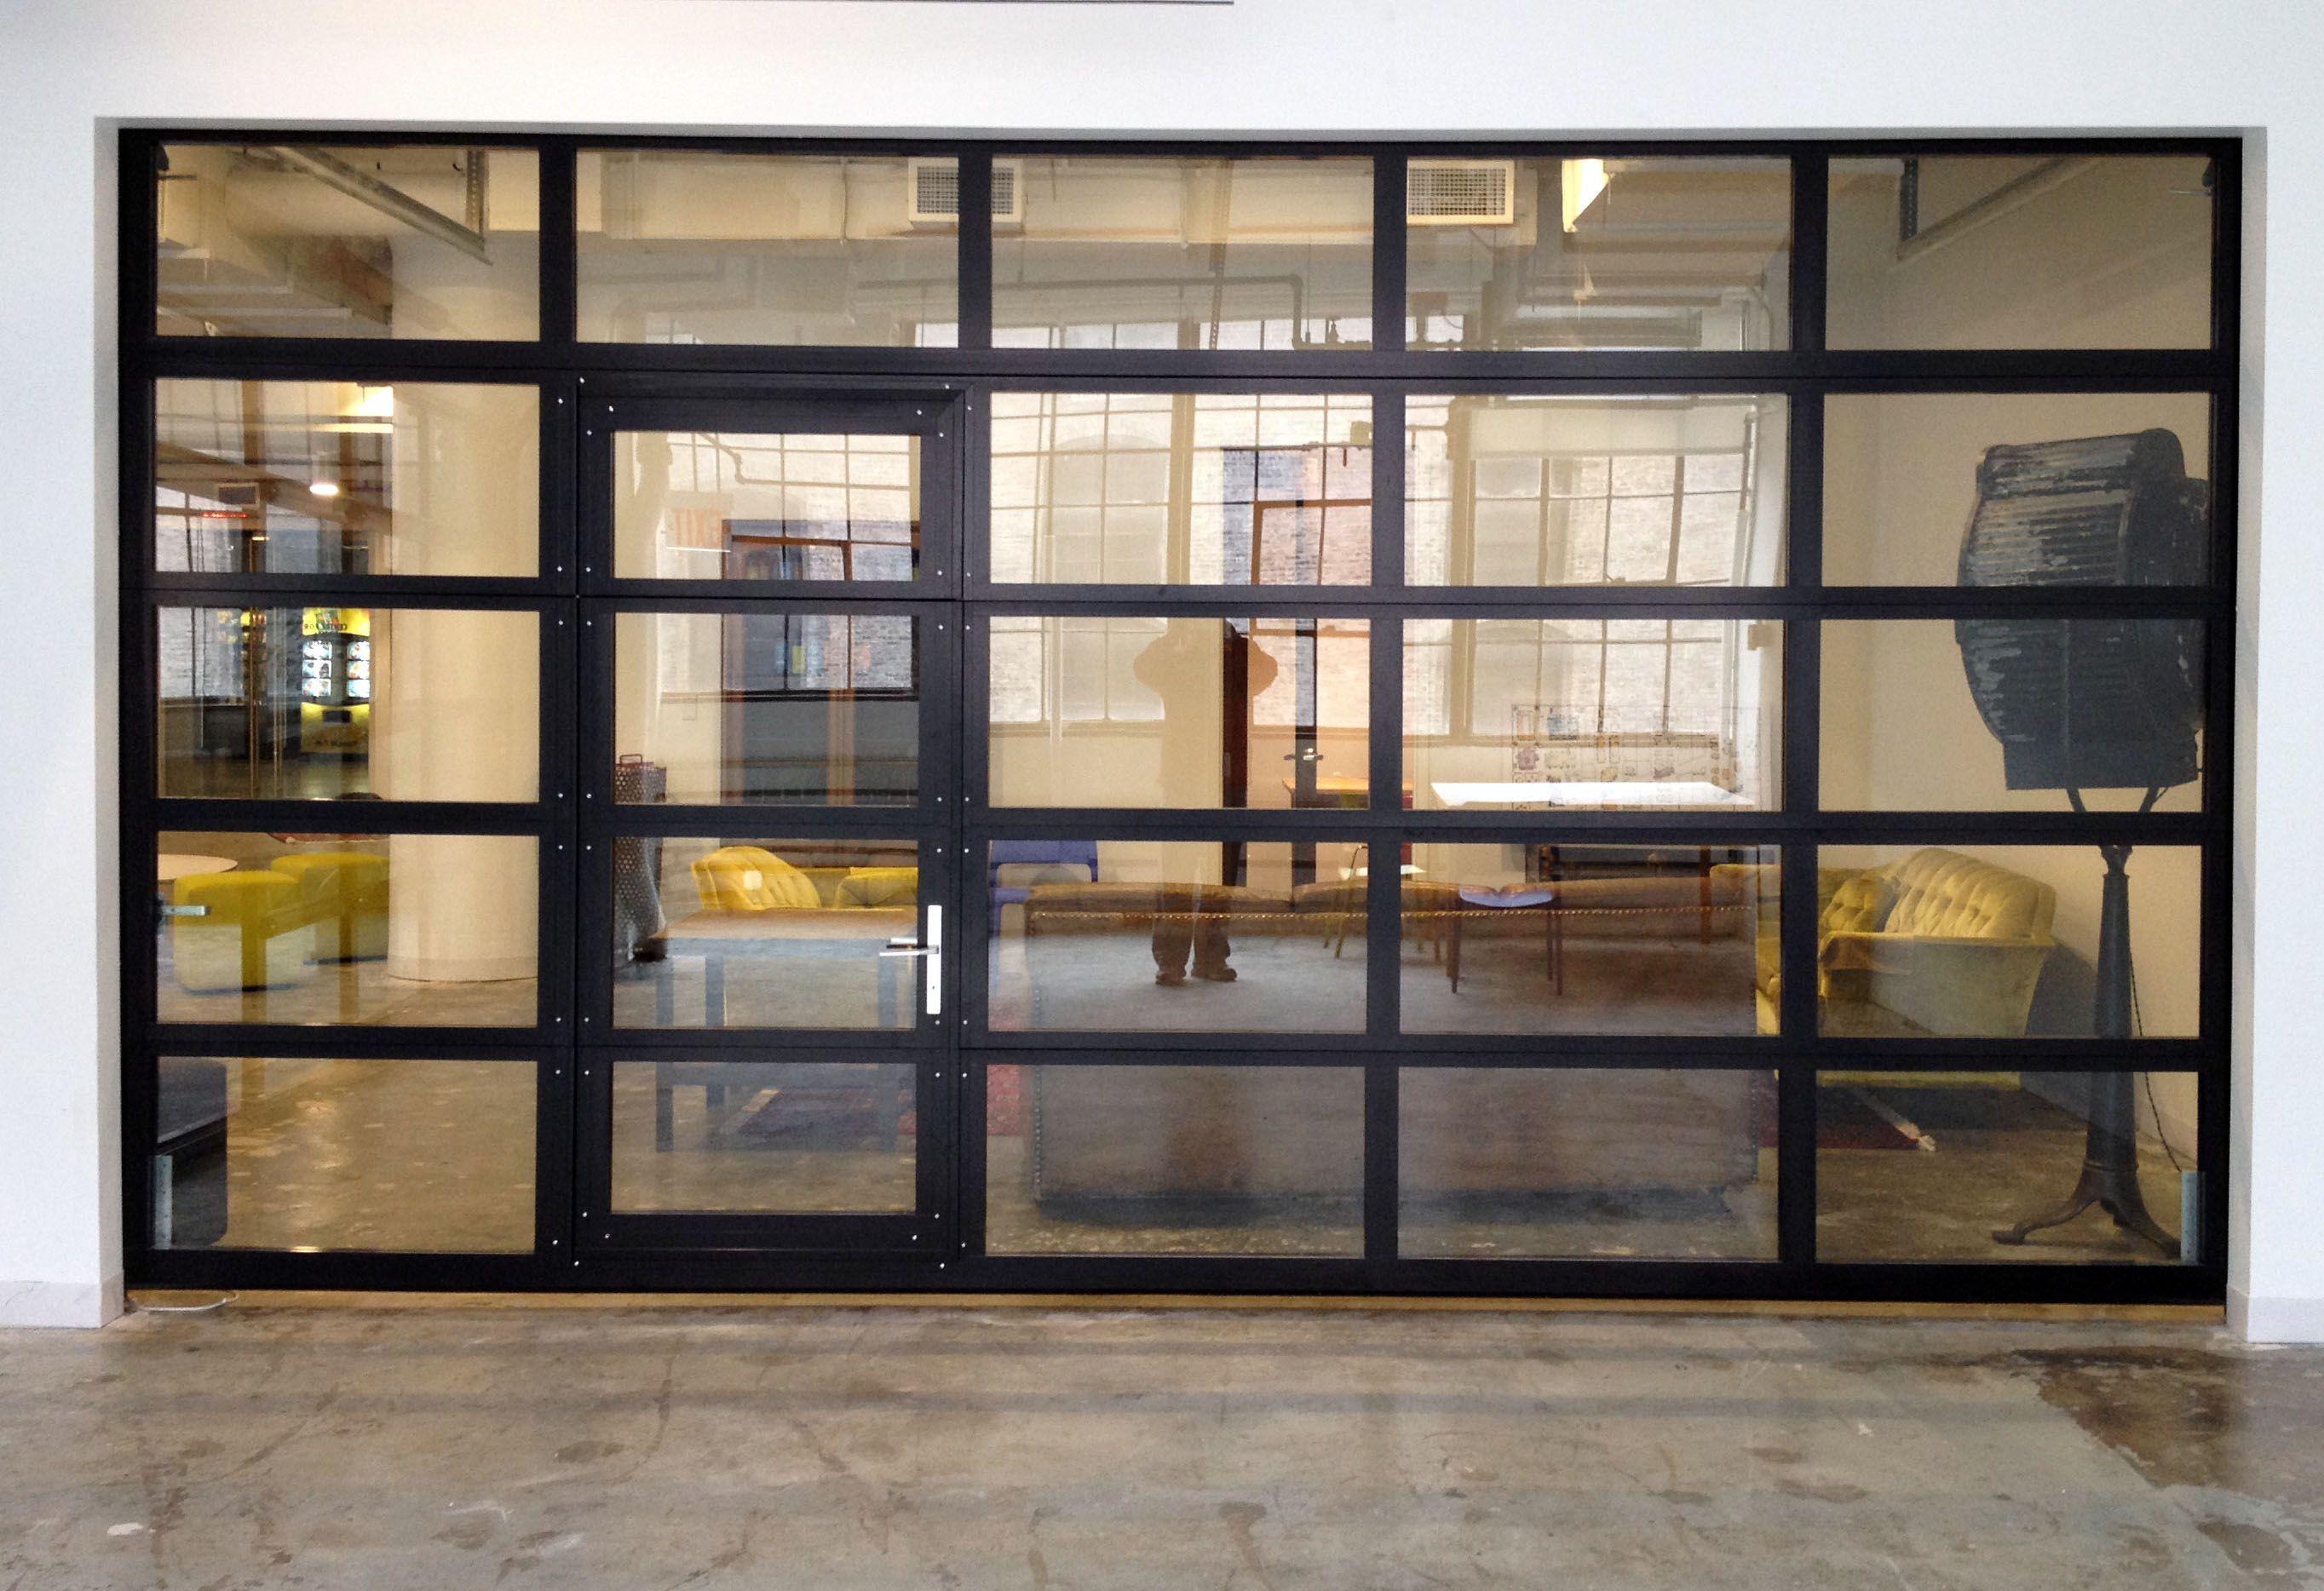 Glasspassingdoor full view aluminum glass garage door with passing door garage roll up